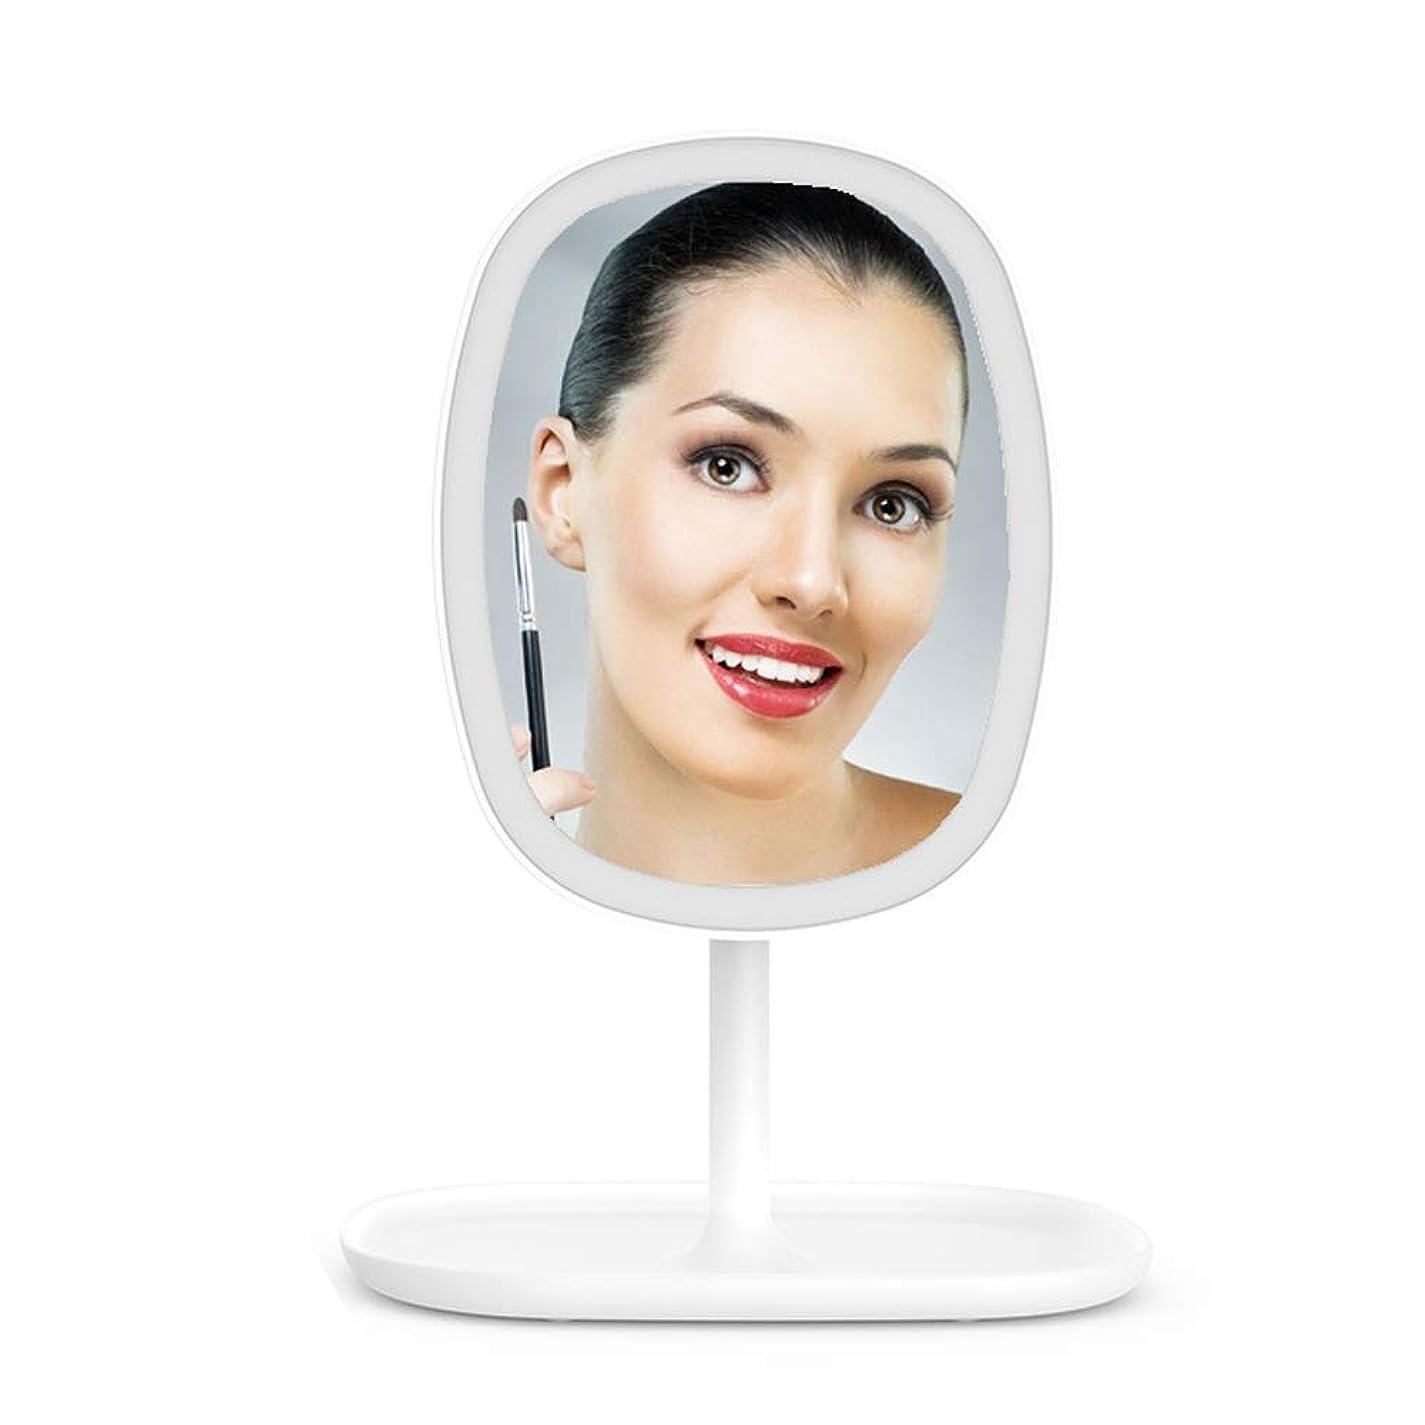 ギャンブル希少性ハリウッドLED照明付き化粧鏡タッチセンサースイッチ調節可能な明るさ(3段階)卓上ミラー化粧台ミラー自立型ポータブル美容ミラー180°回転朝夜間フィルライト (Color : 白)